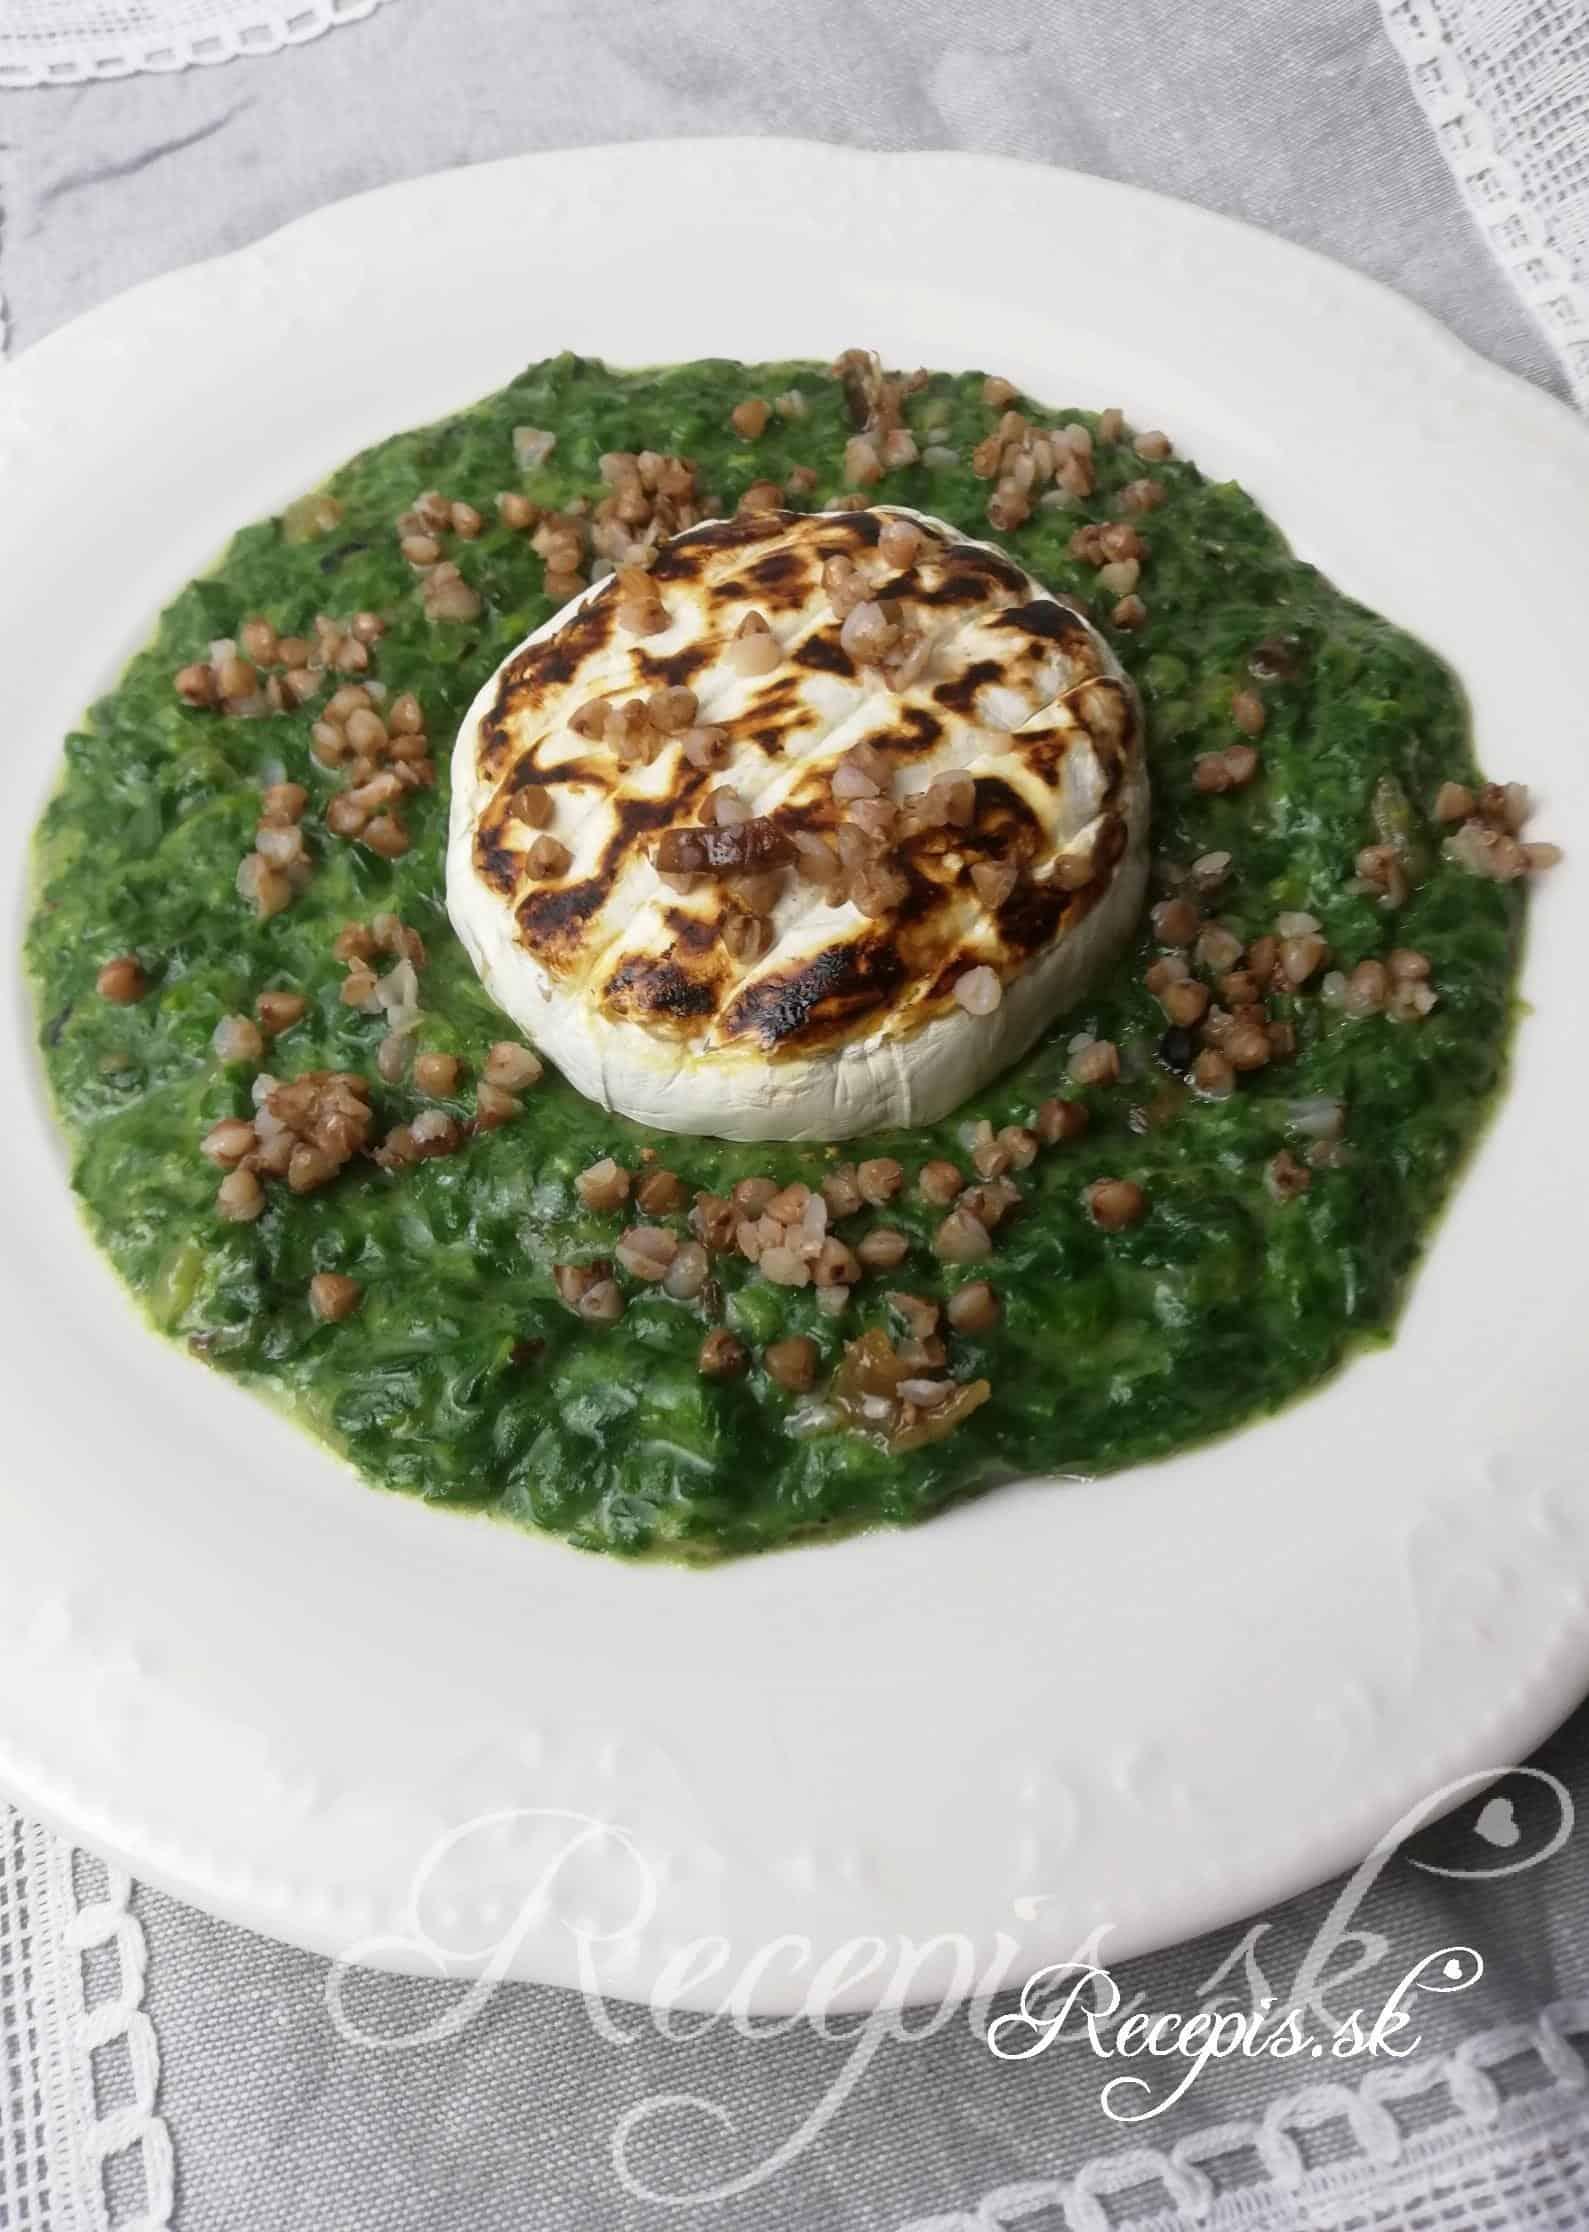 Grilovaný syr s pohánkou a špenátom